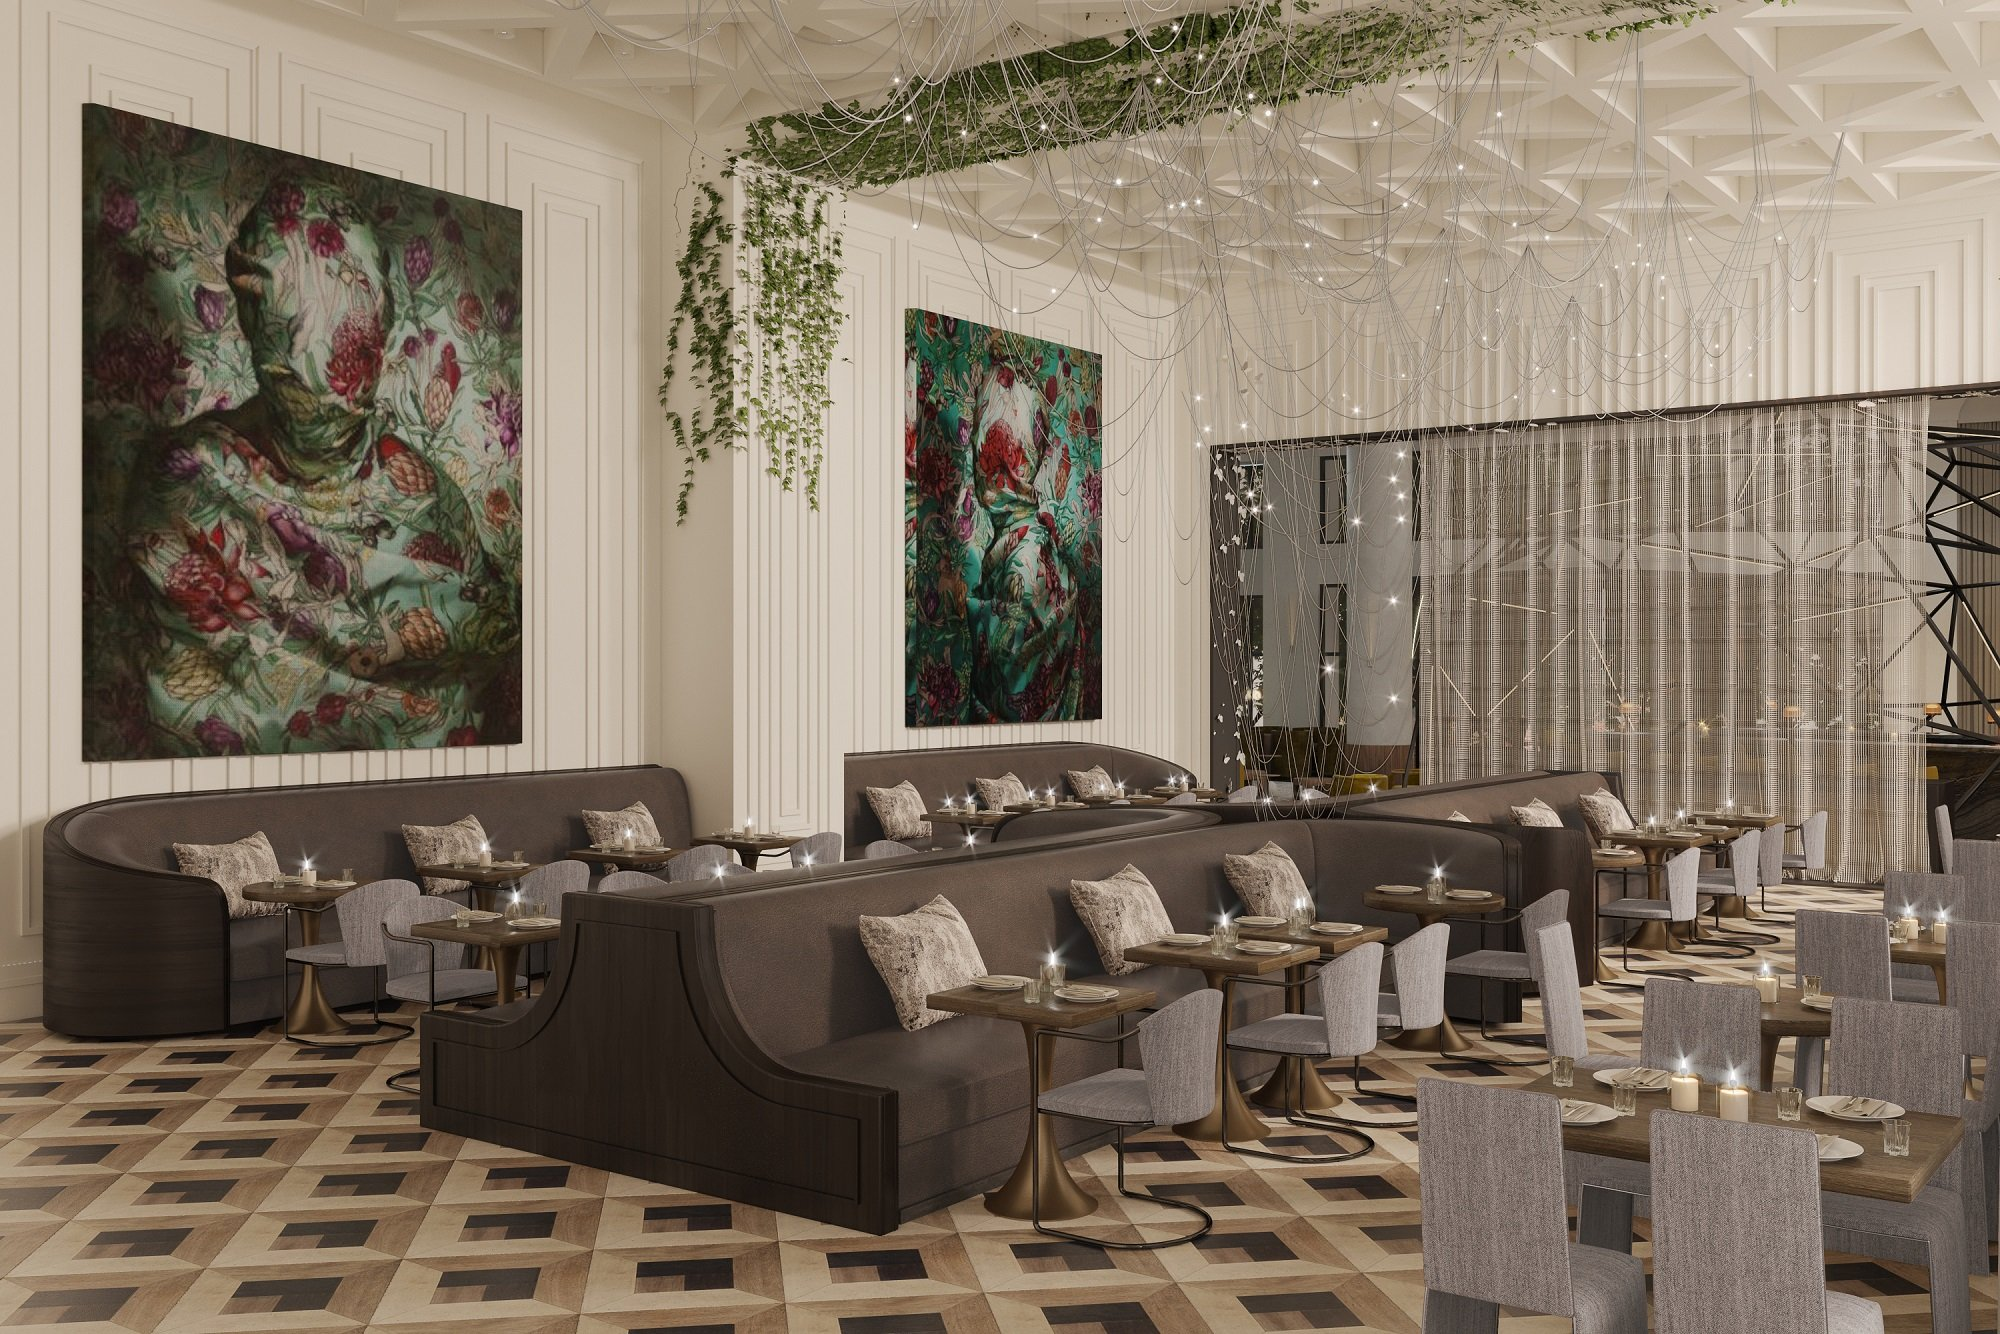 Daxton Hotel